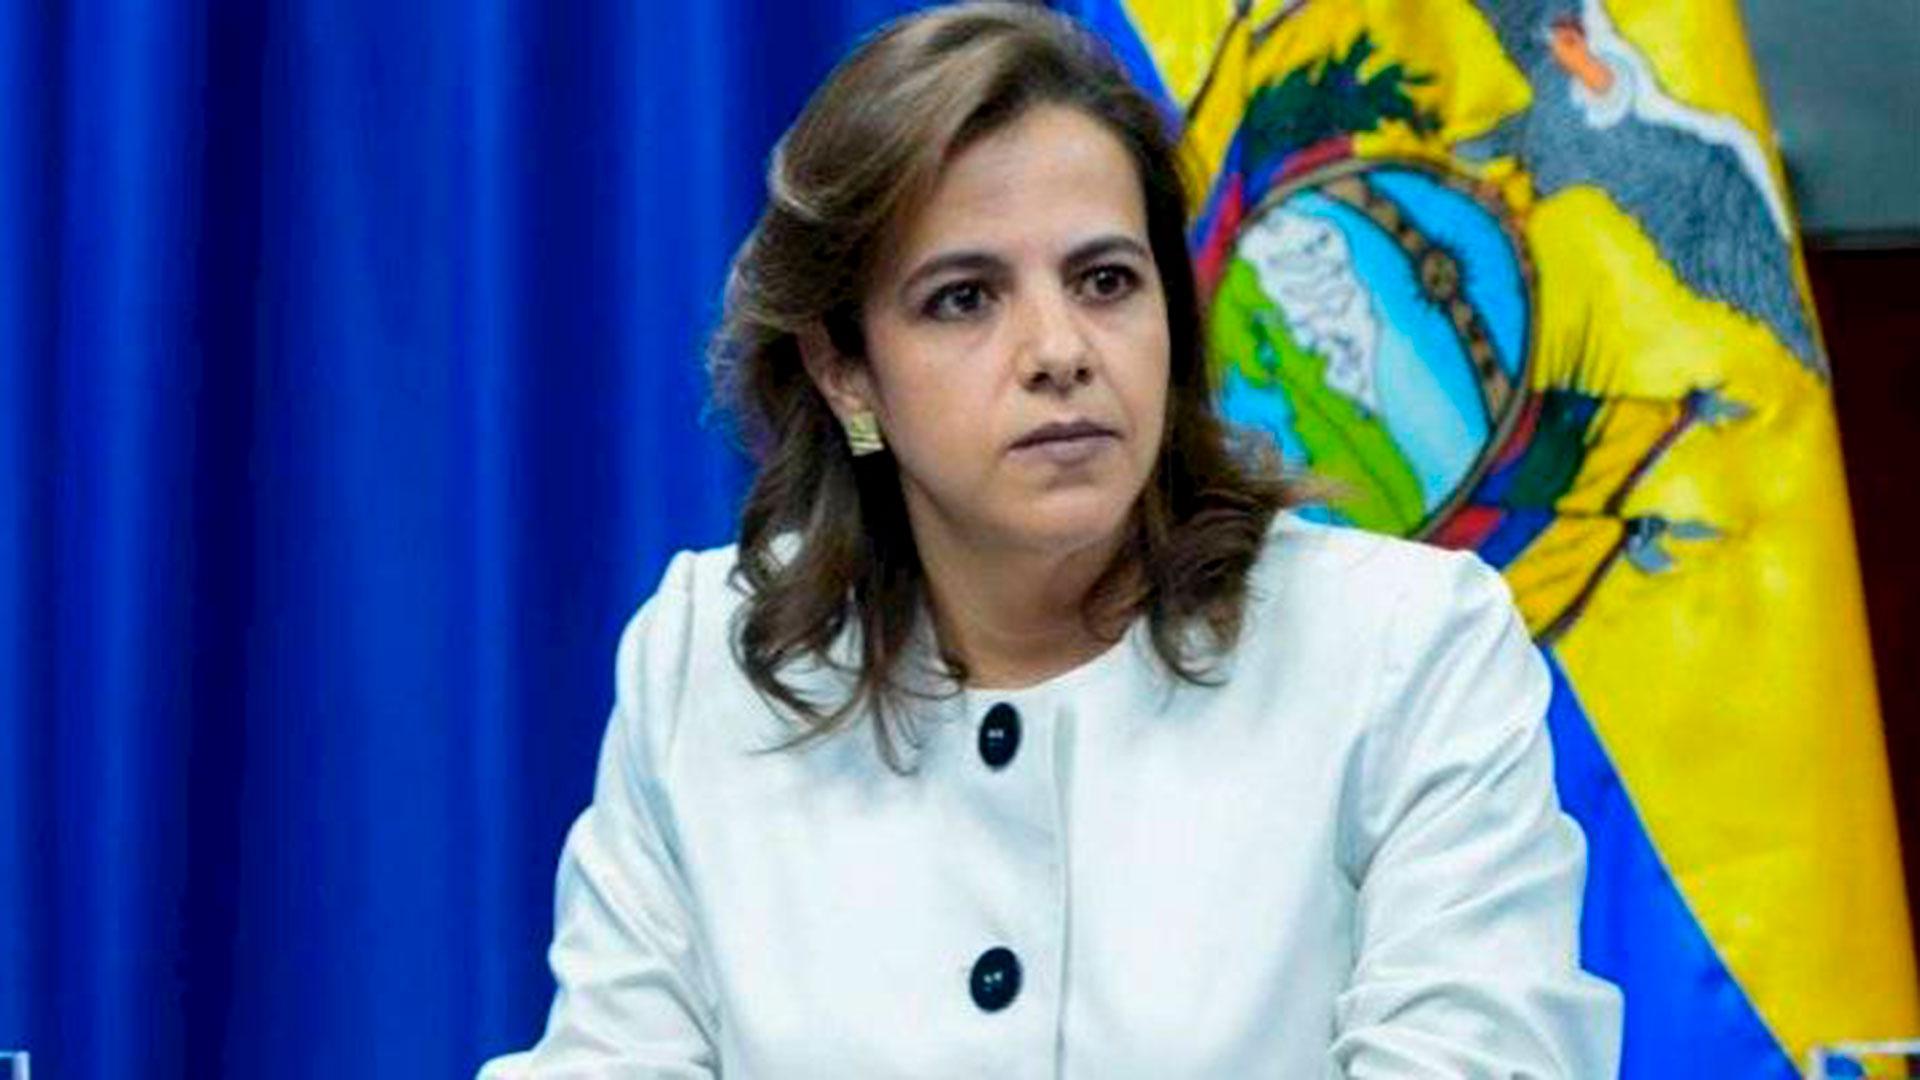 La ministra del Interior de Ecuador se disculpó por la actuación policial durante las protestas - Infobae